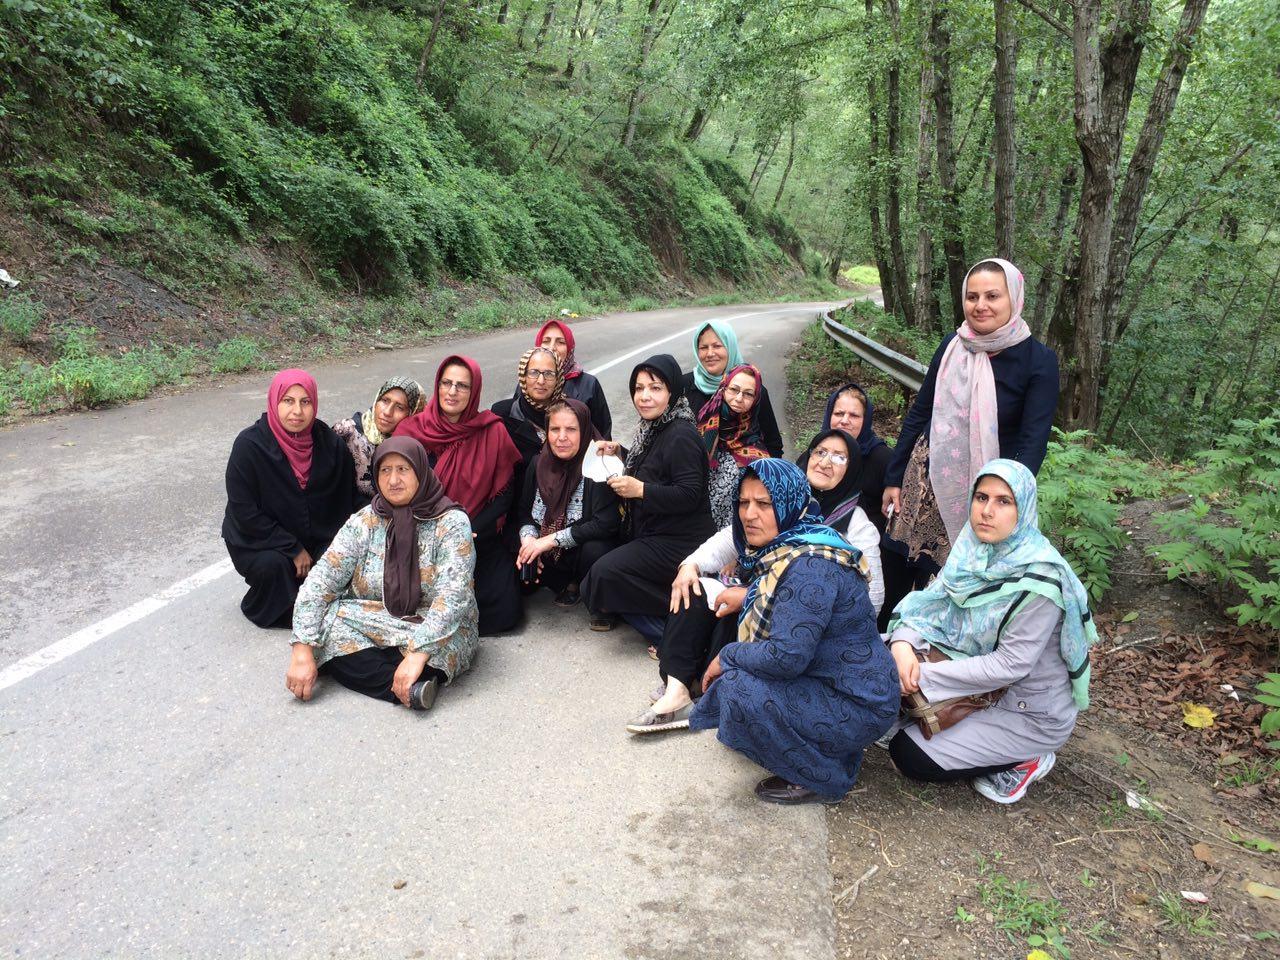 پیاده روی گروه درمانی در جاده های جنگلی مازندران منطقه لفور به شاهکلا